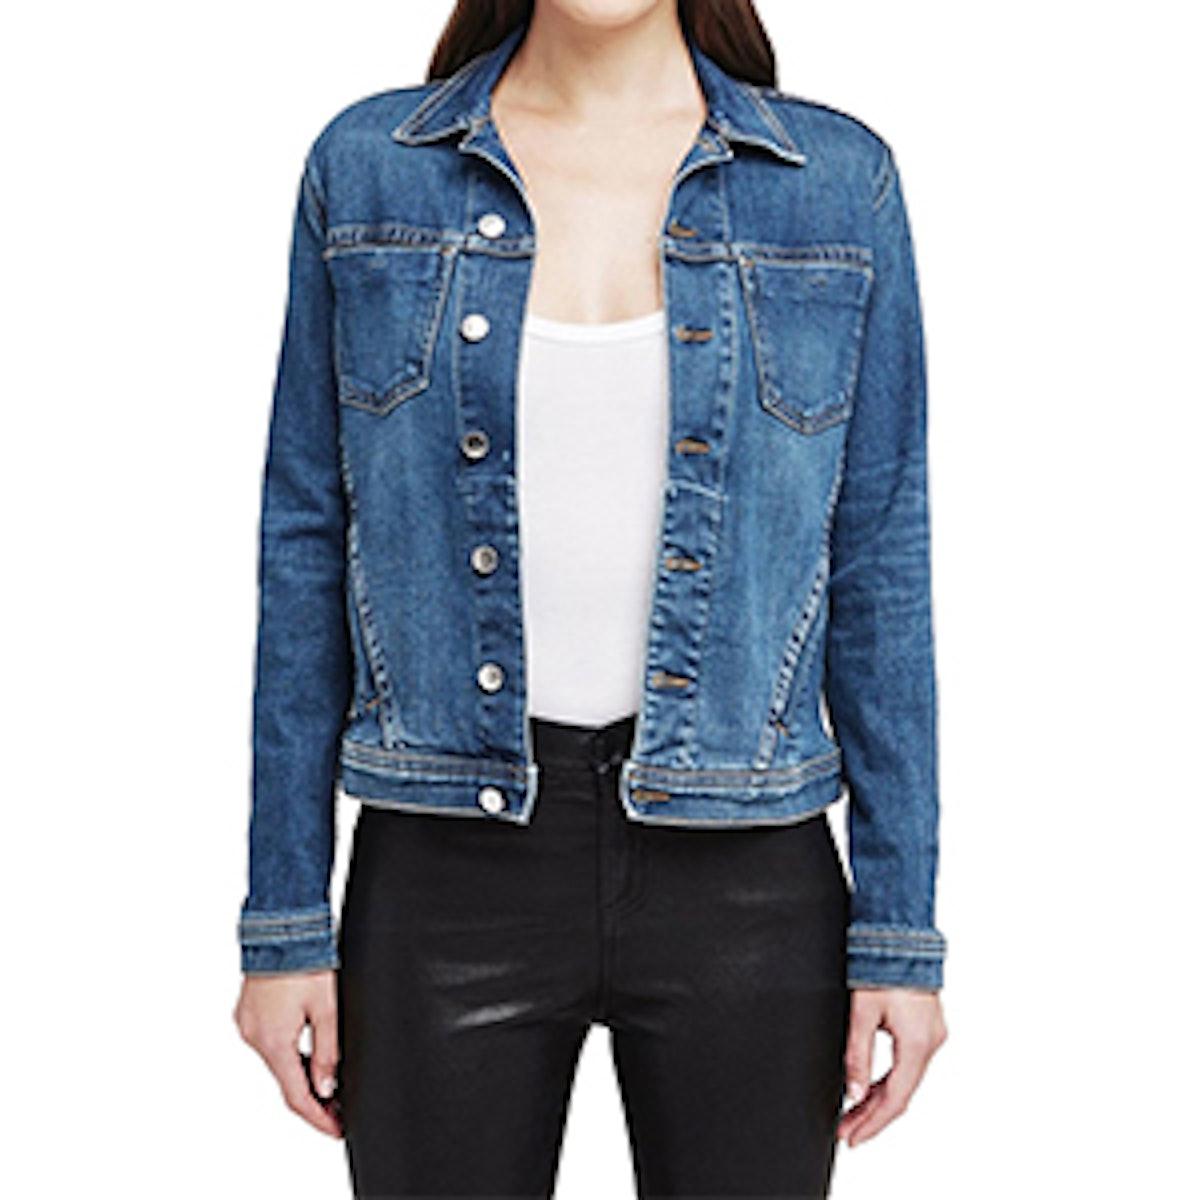 Celine Denim Jacket with Rose Gold Foil Back